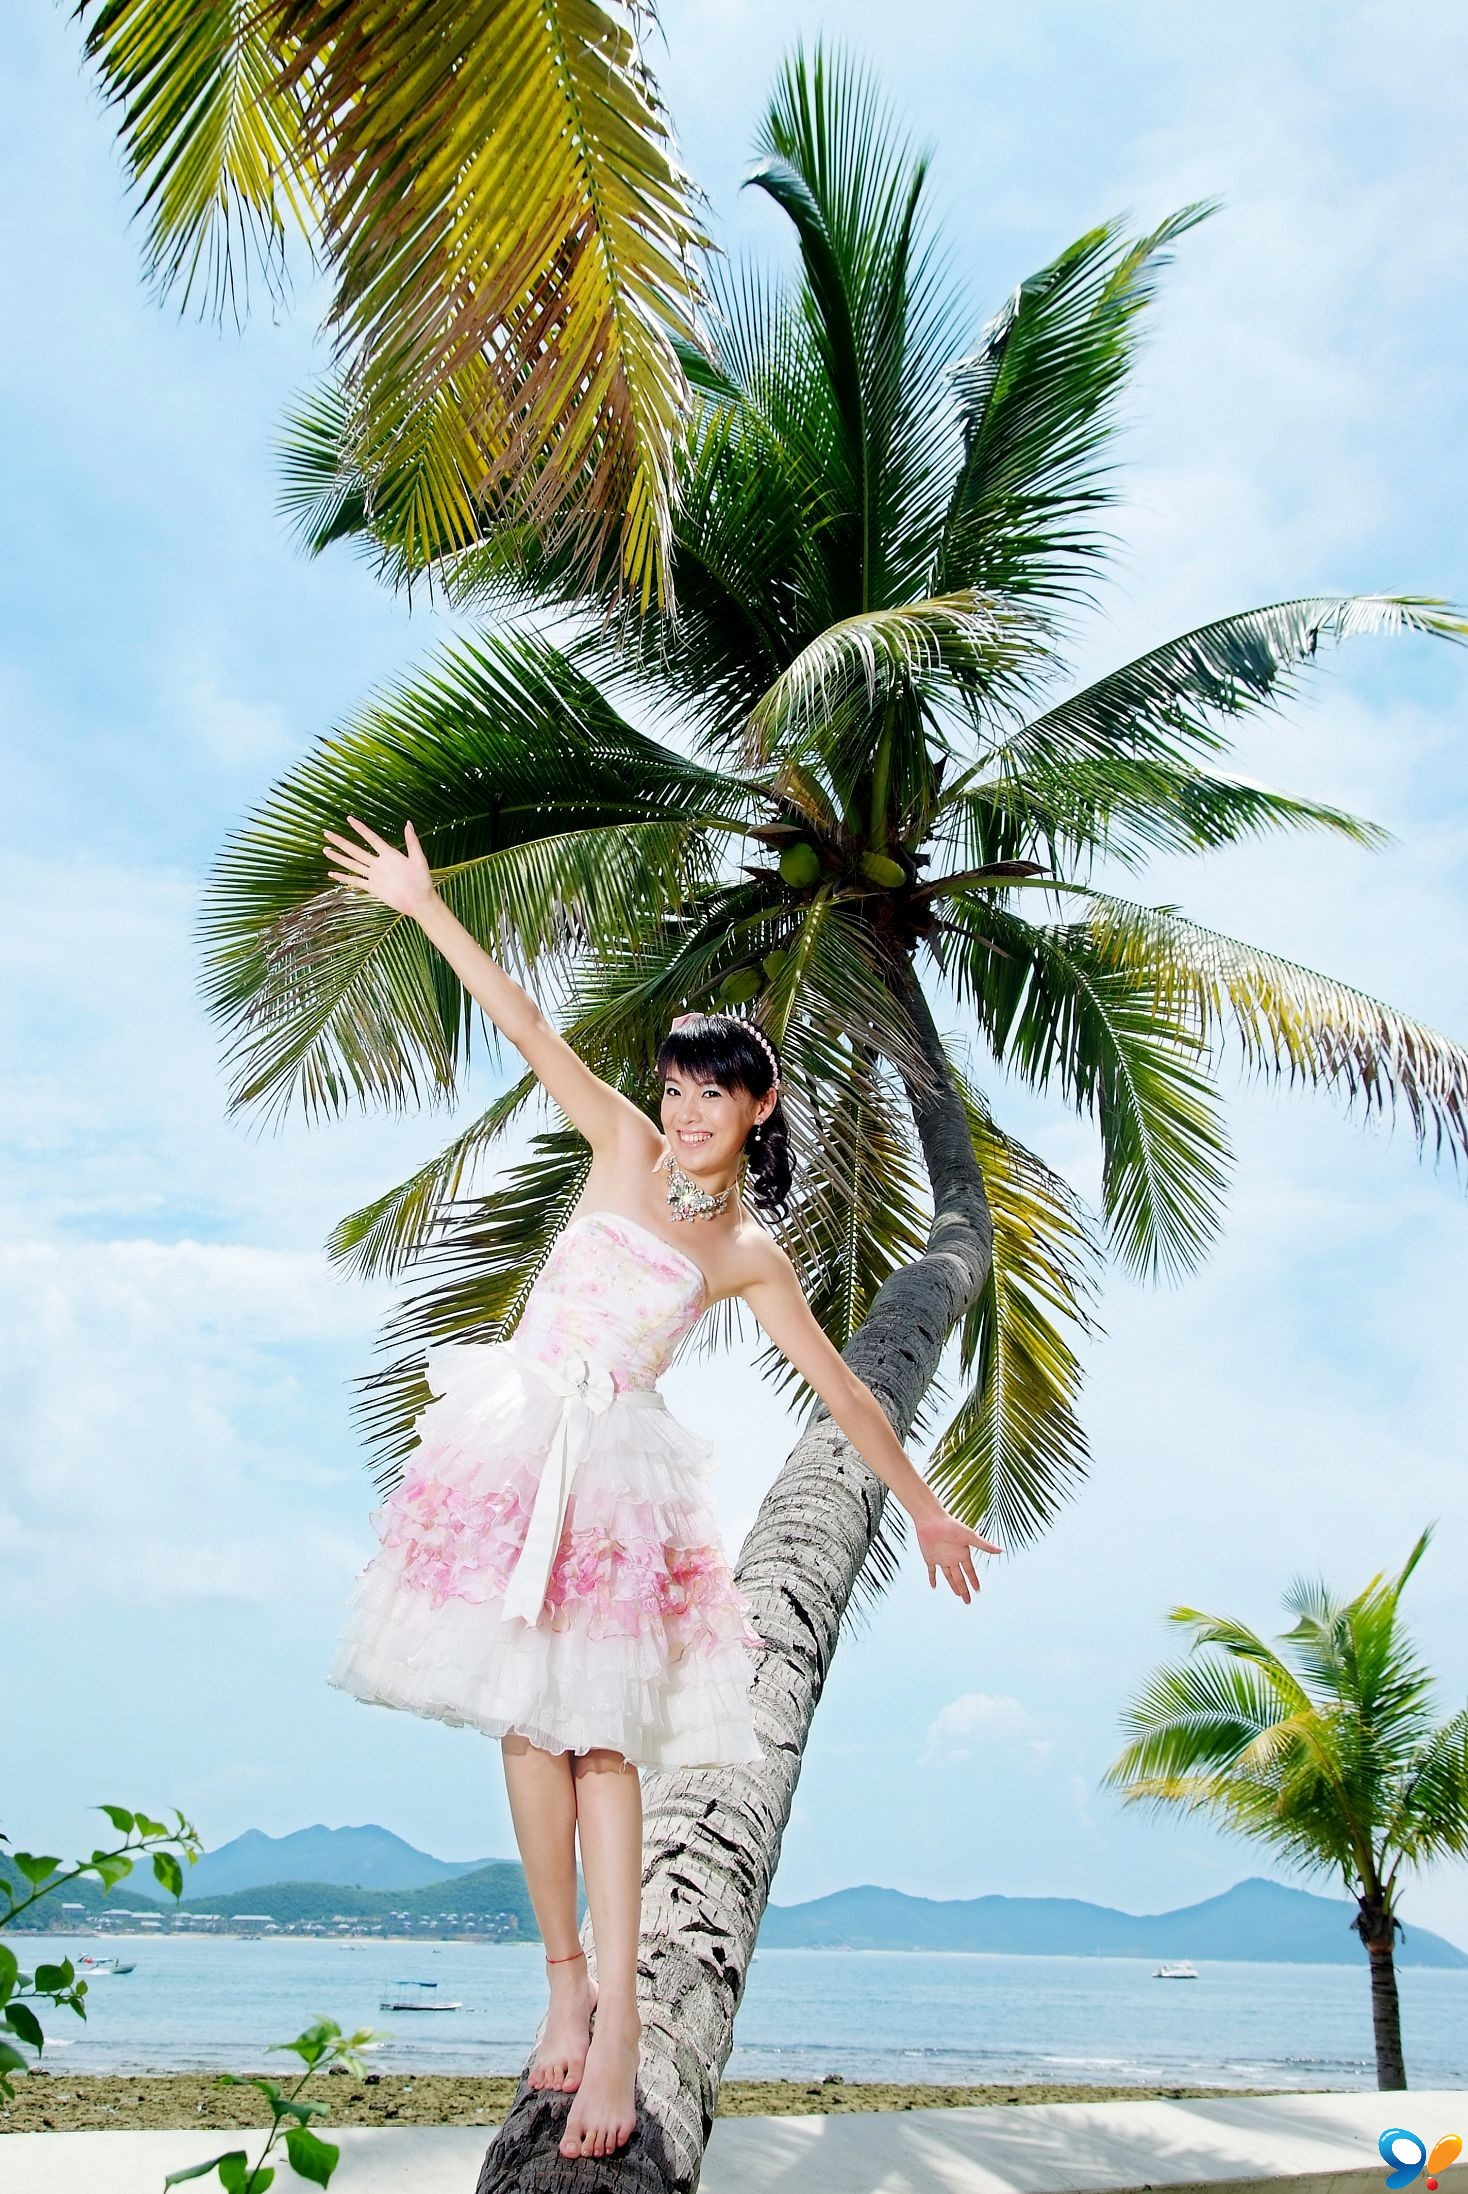 可爱的椰子树(游戏名:断翼的天使)